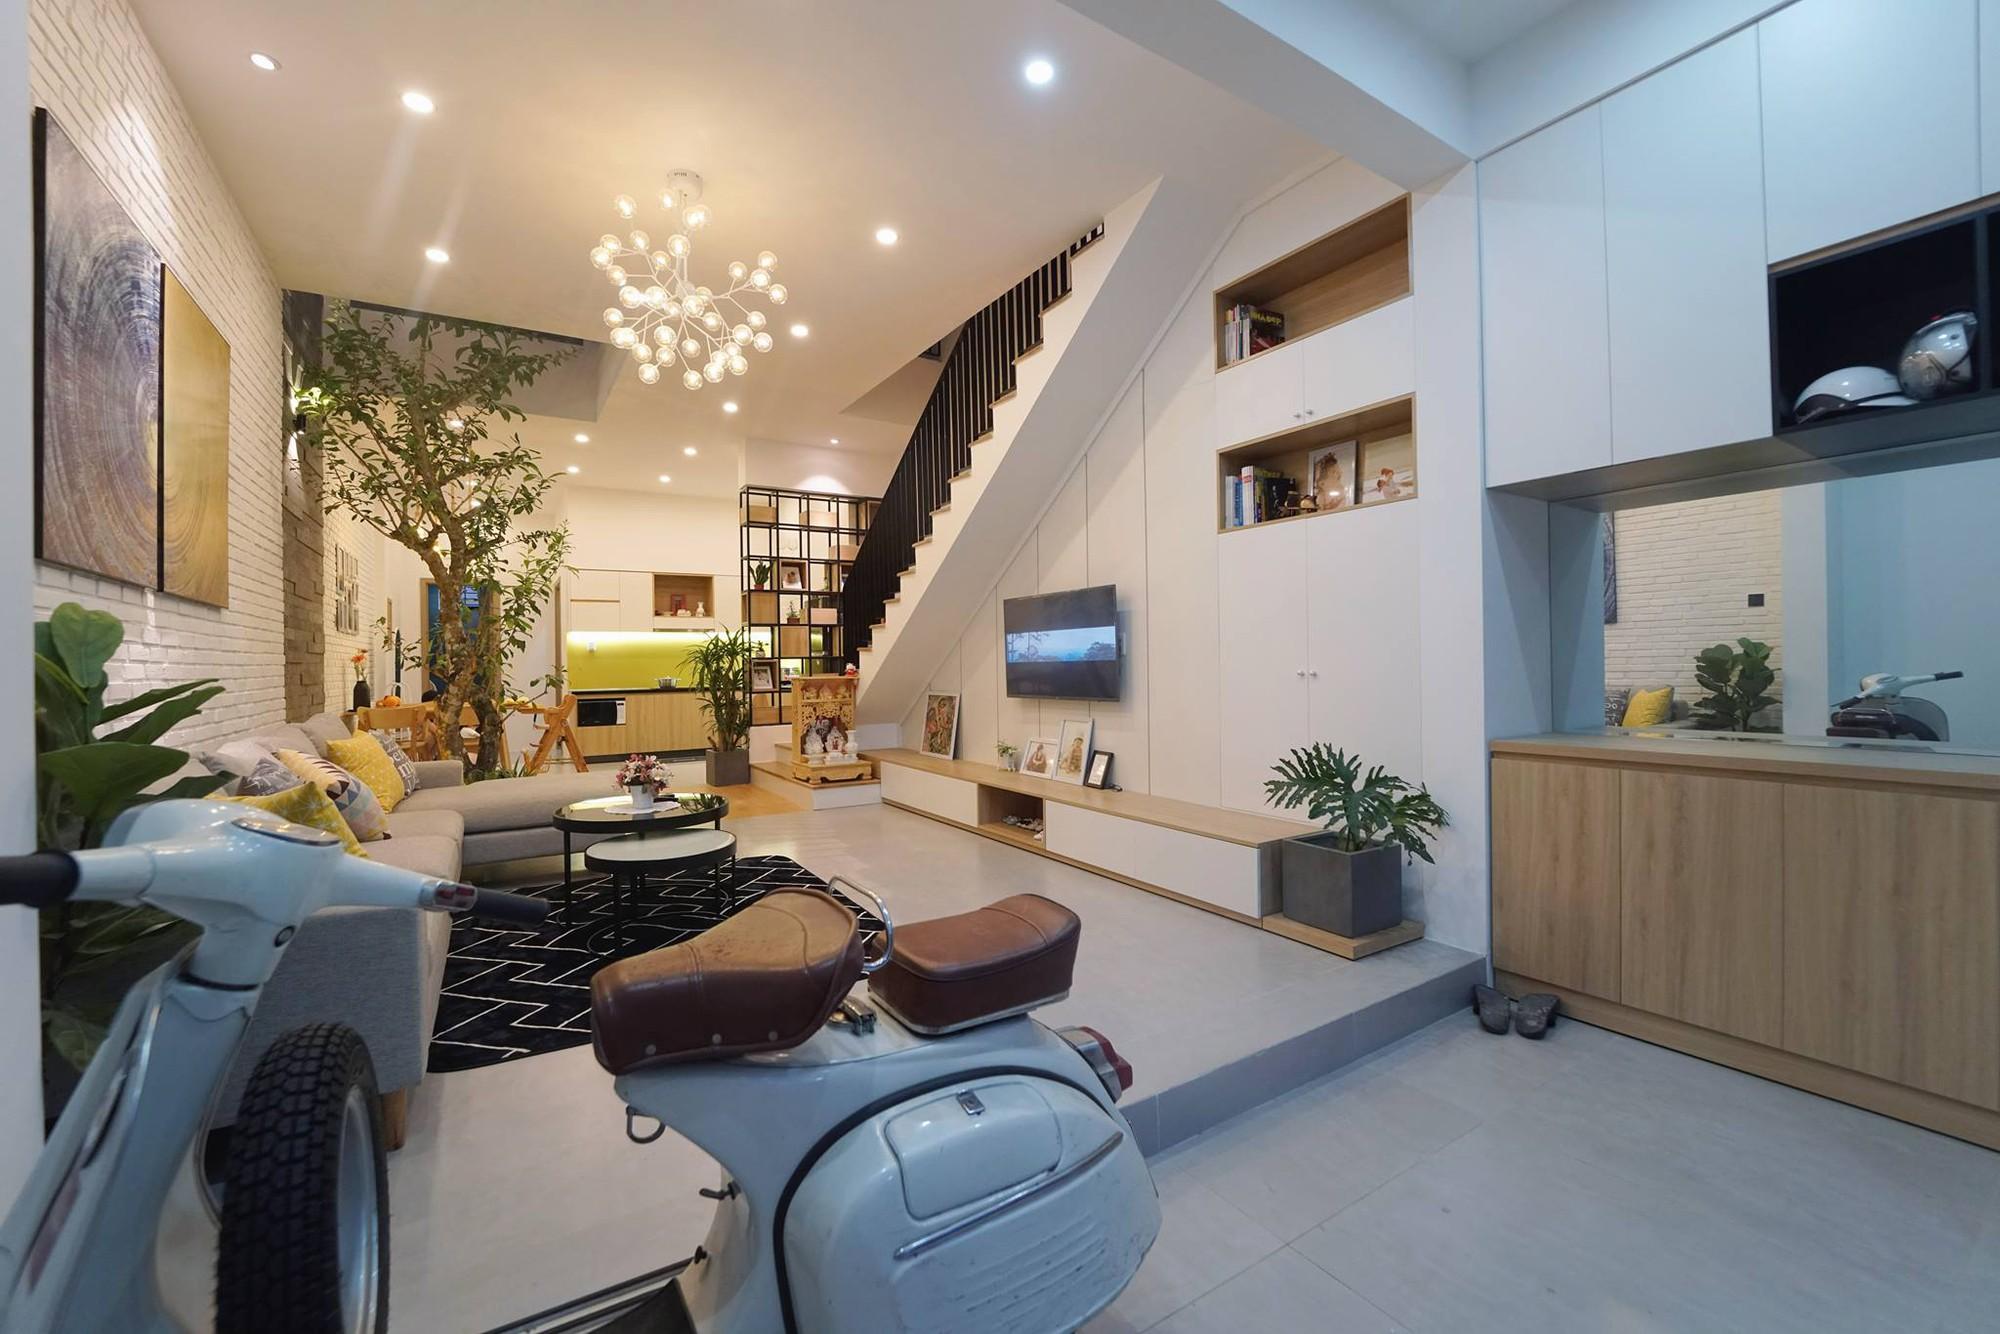 Ngôi nhà trẻ trung, ấm cúng của cặp vợ chồng trẻ với chi phí 950 triệu ở Đà Nẵng  - Ảnh 3.